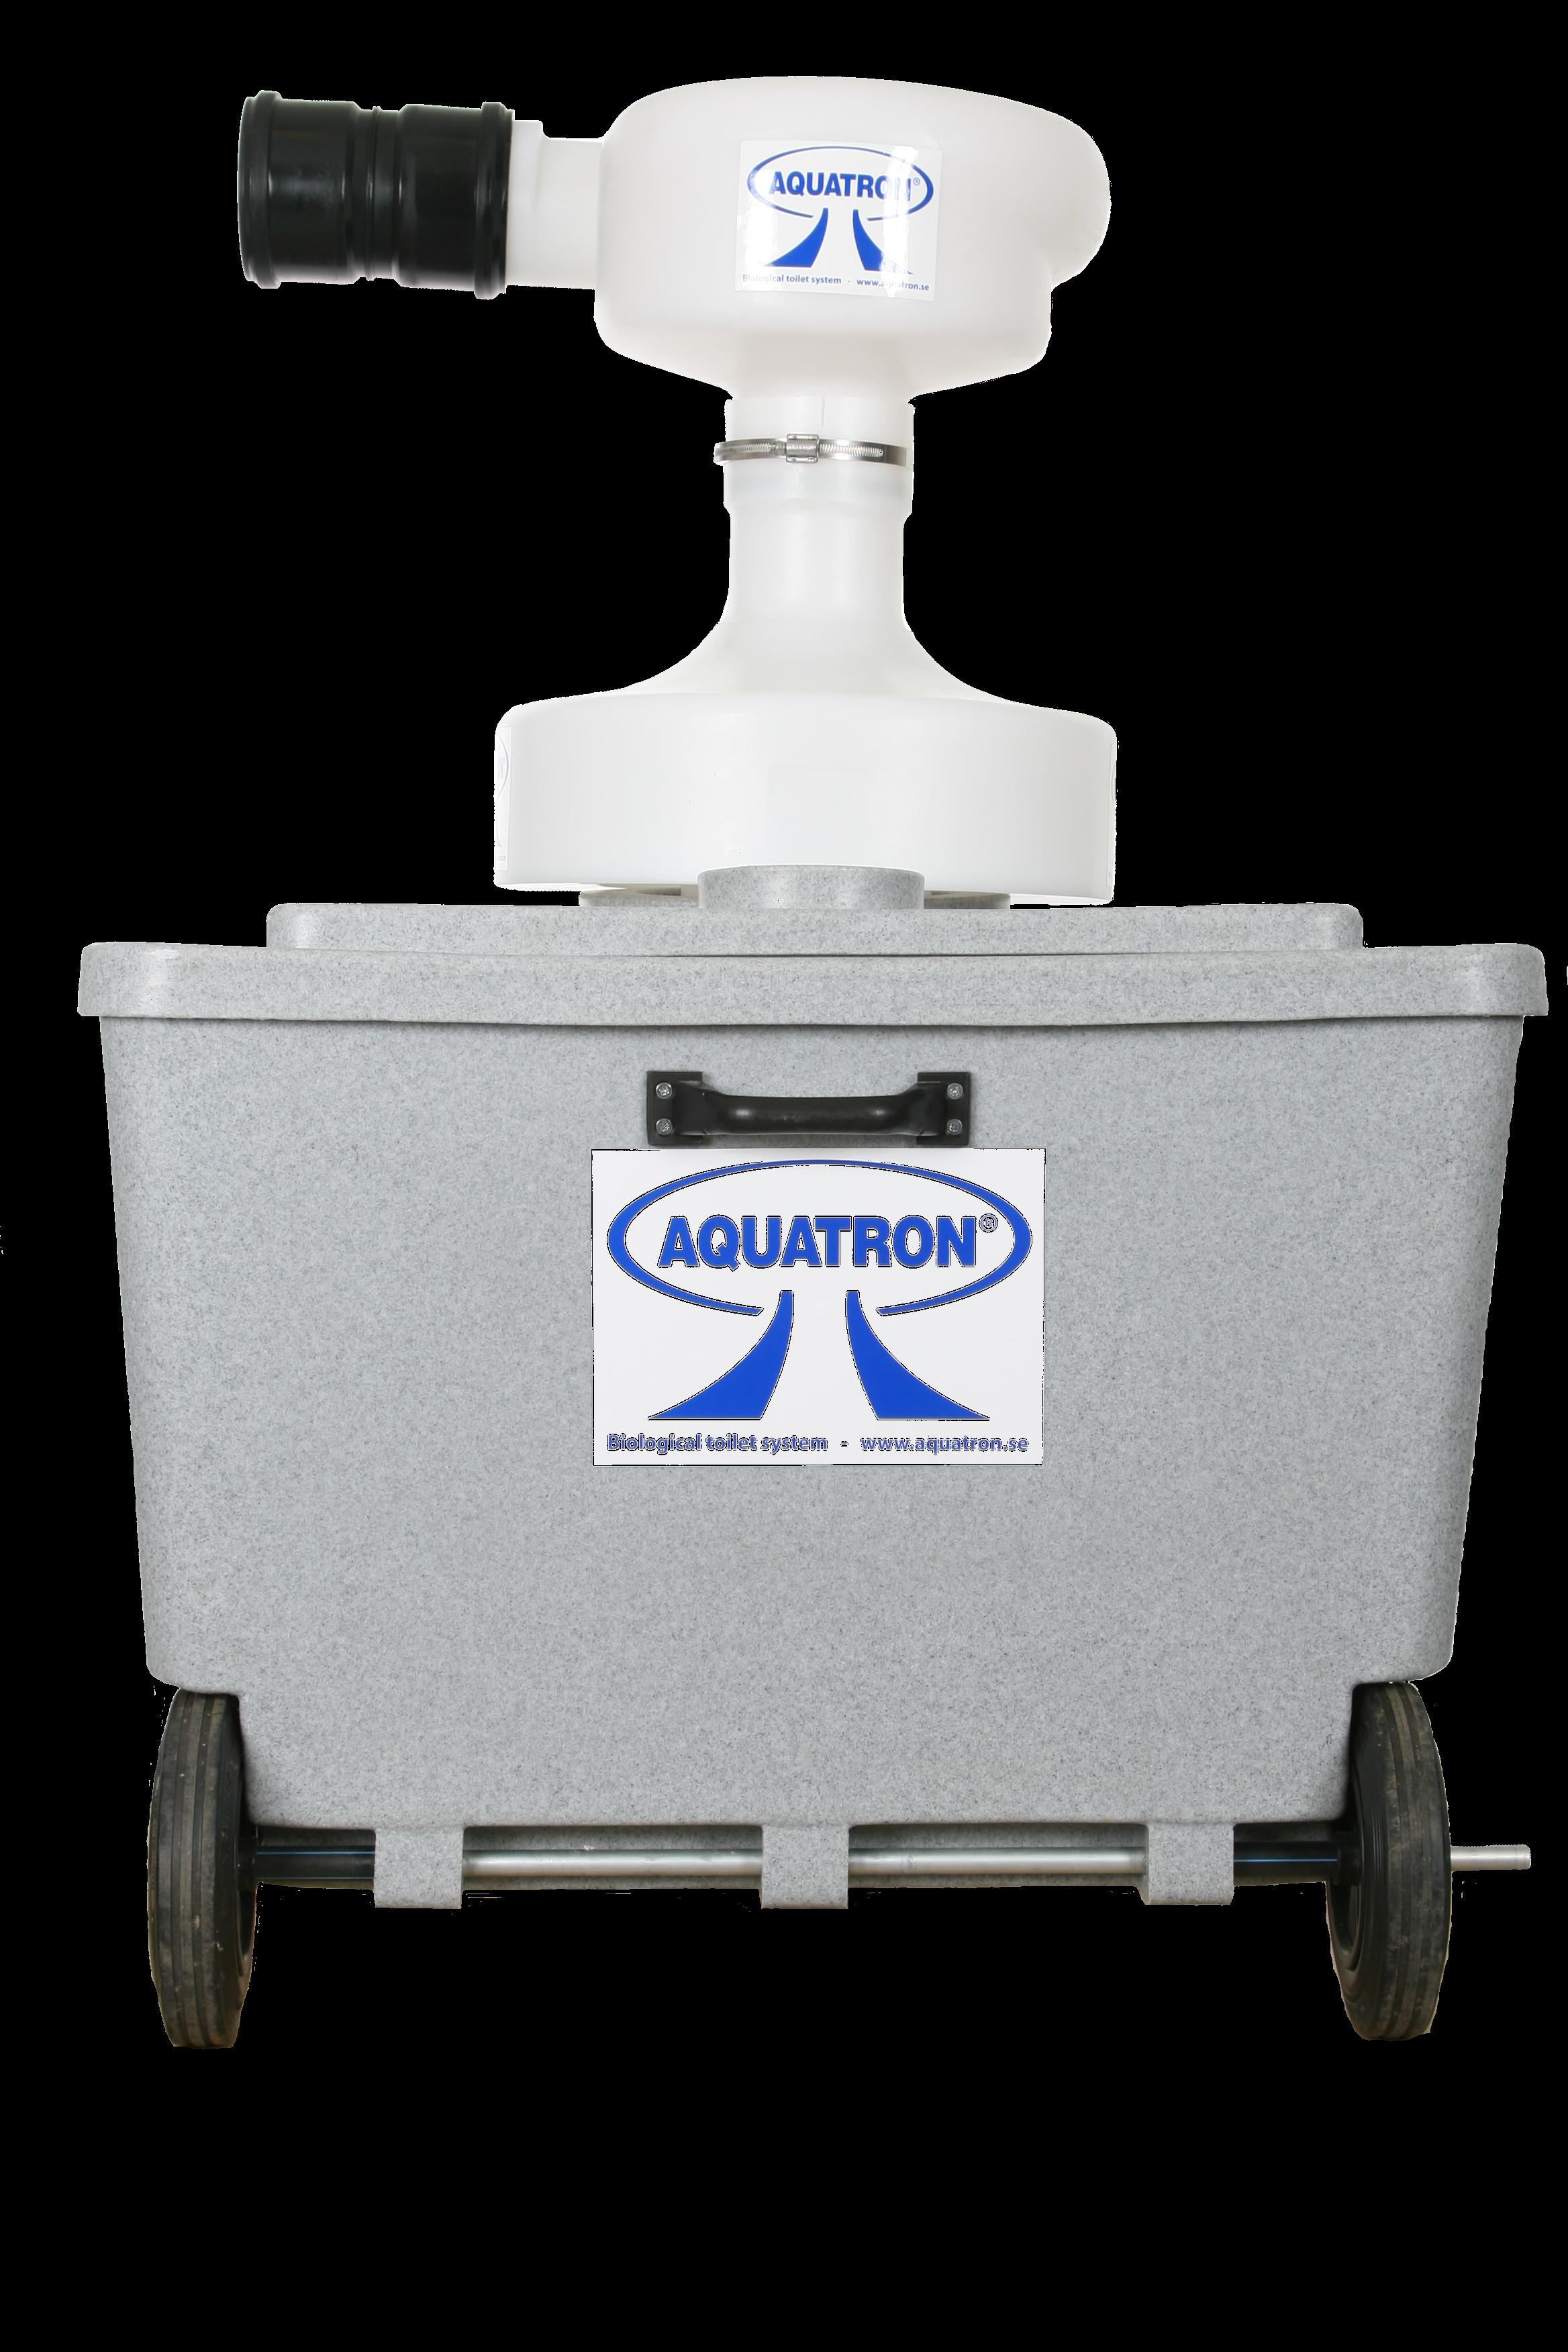 Aquatron Wagon